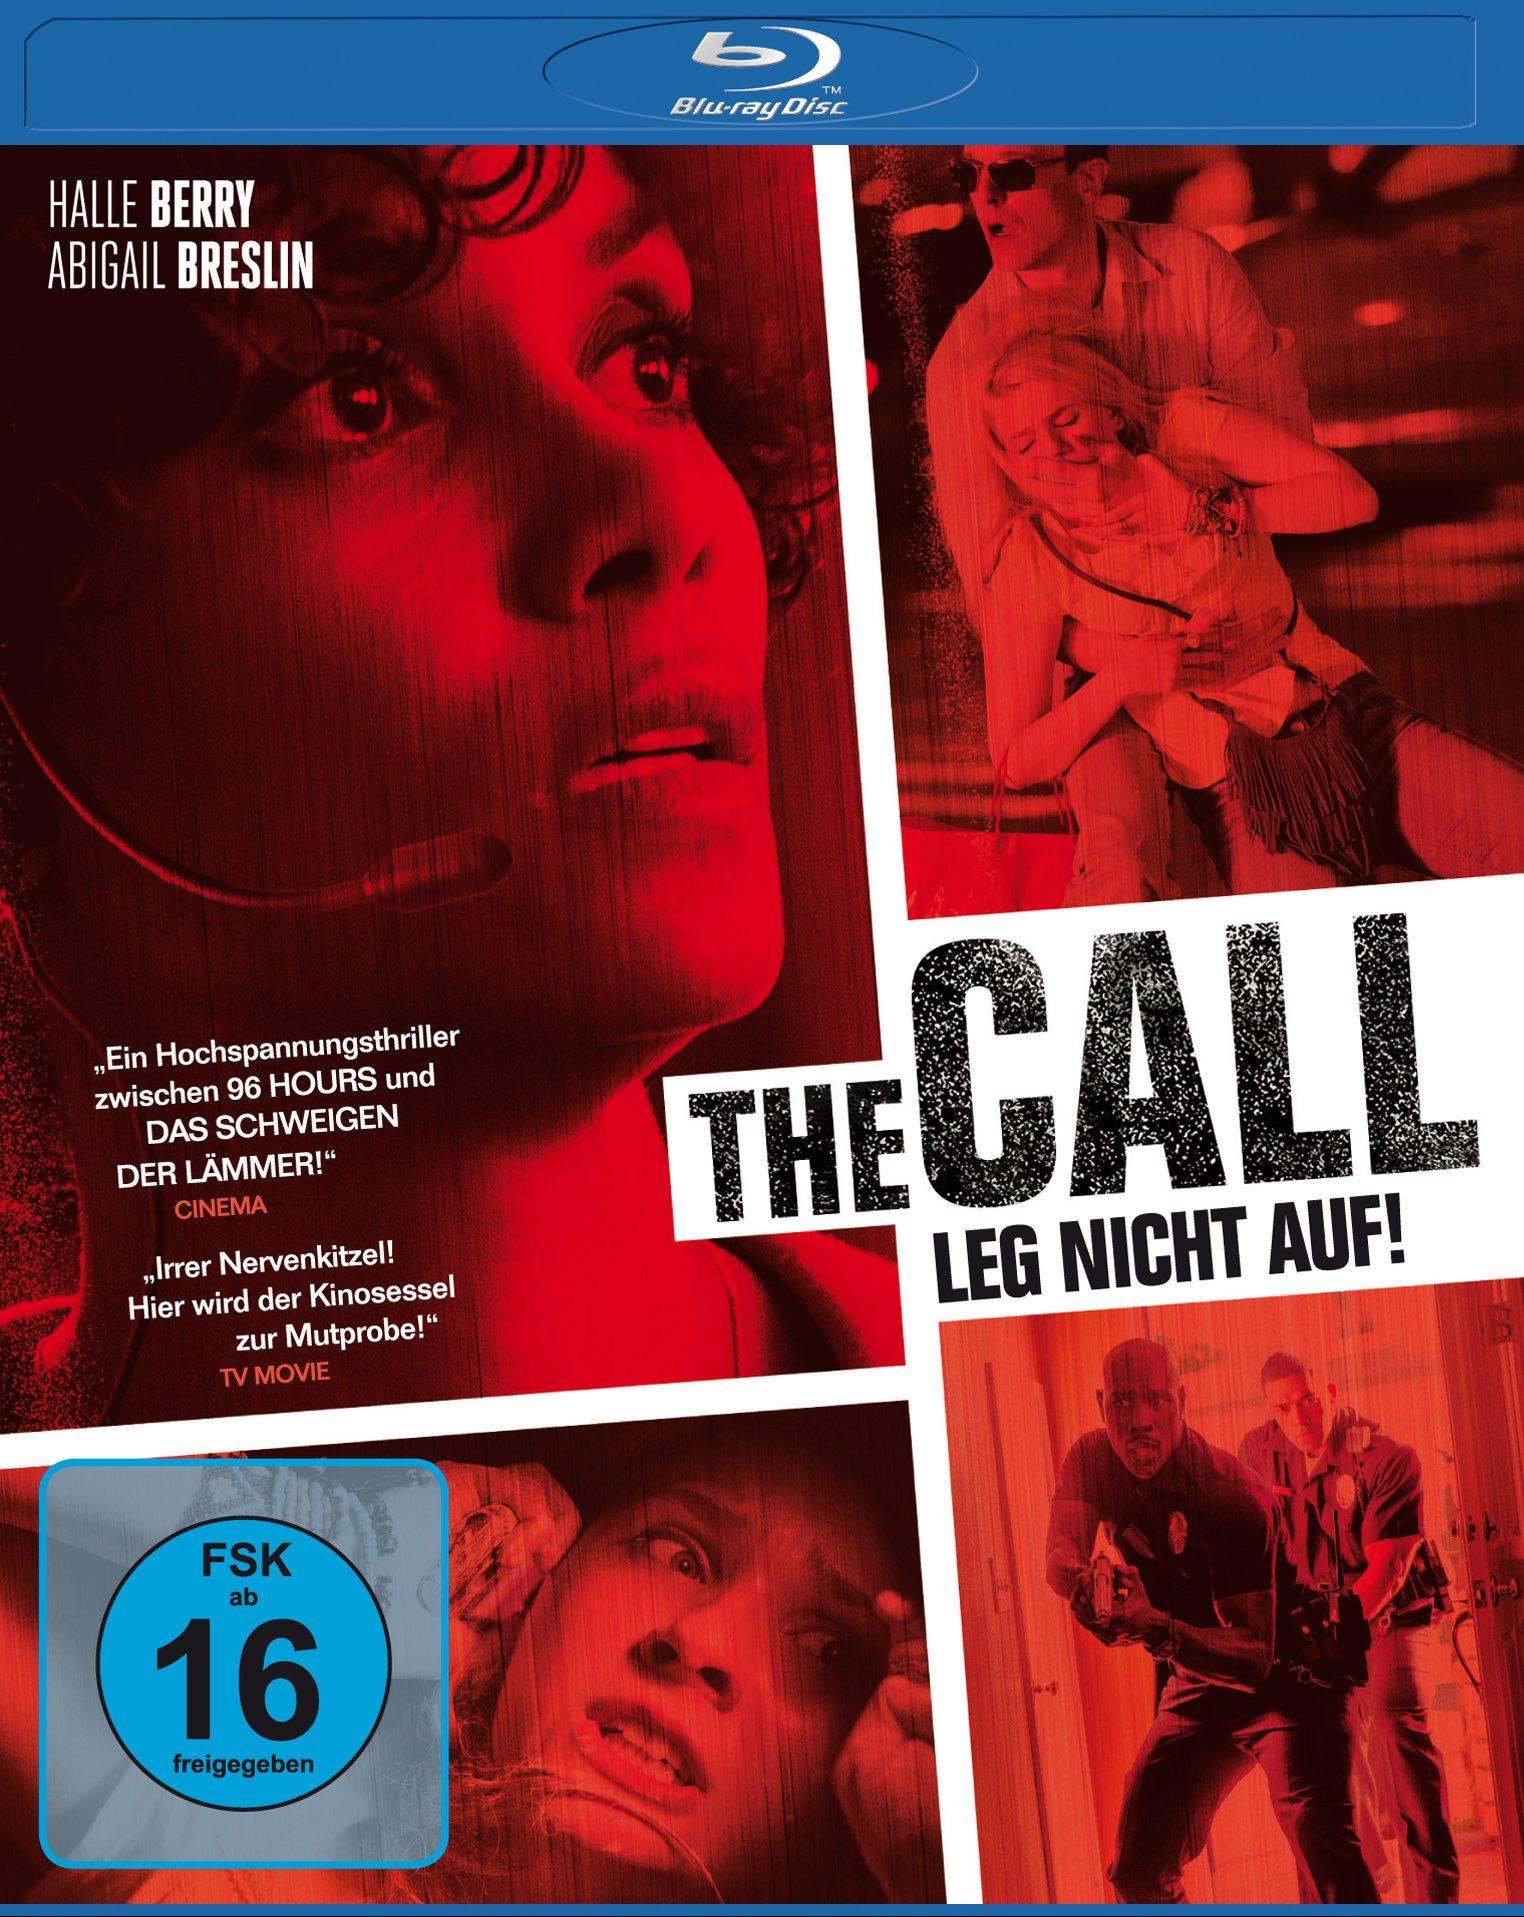 download The.Call.Leg.nicht.auf.German.DL.1080p.BluRay.x264-EXQUiSiTE